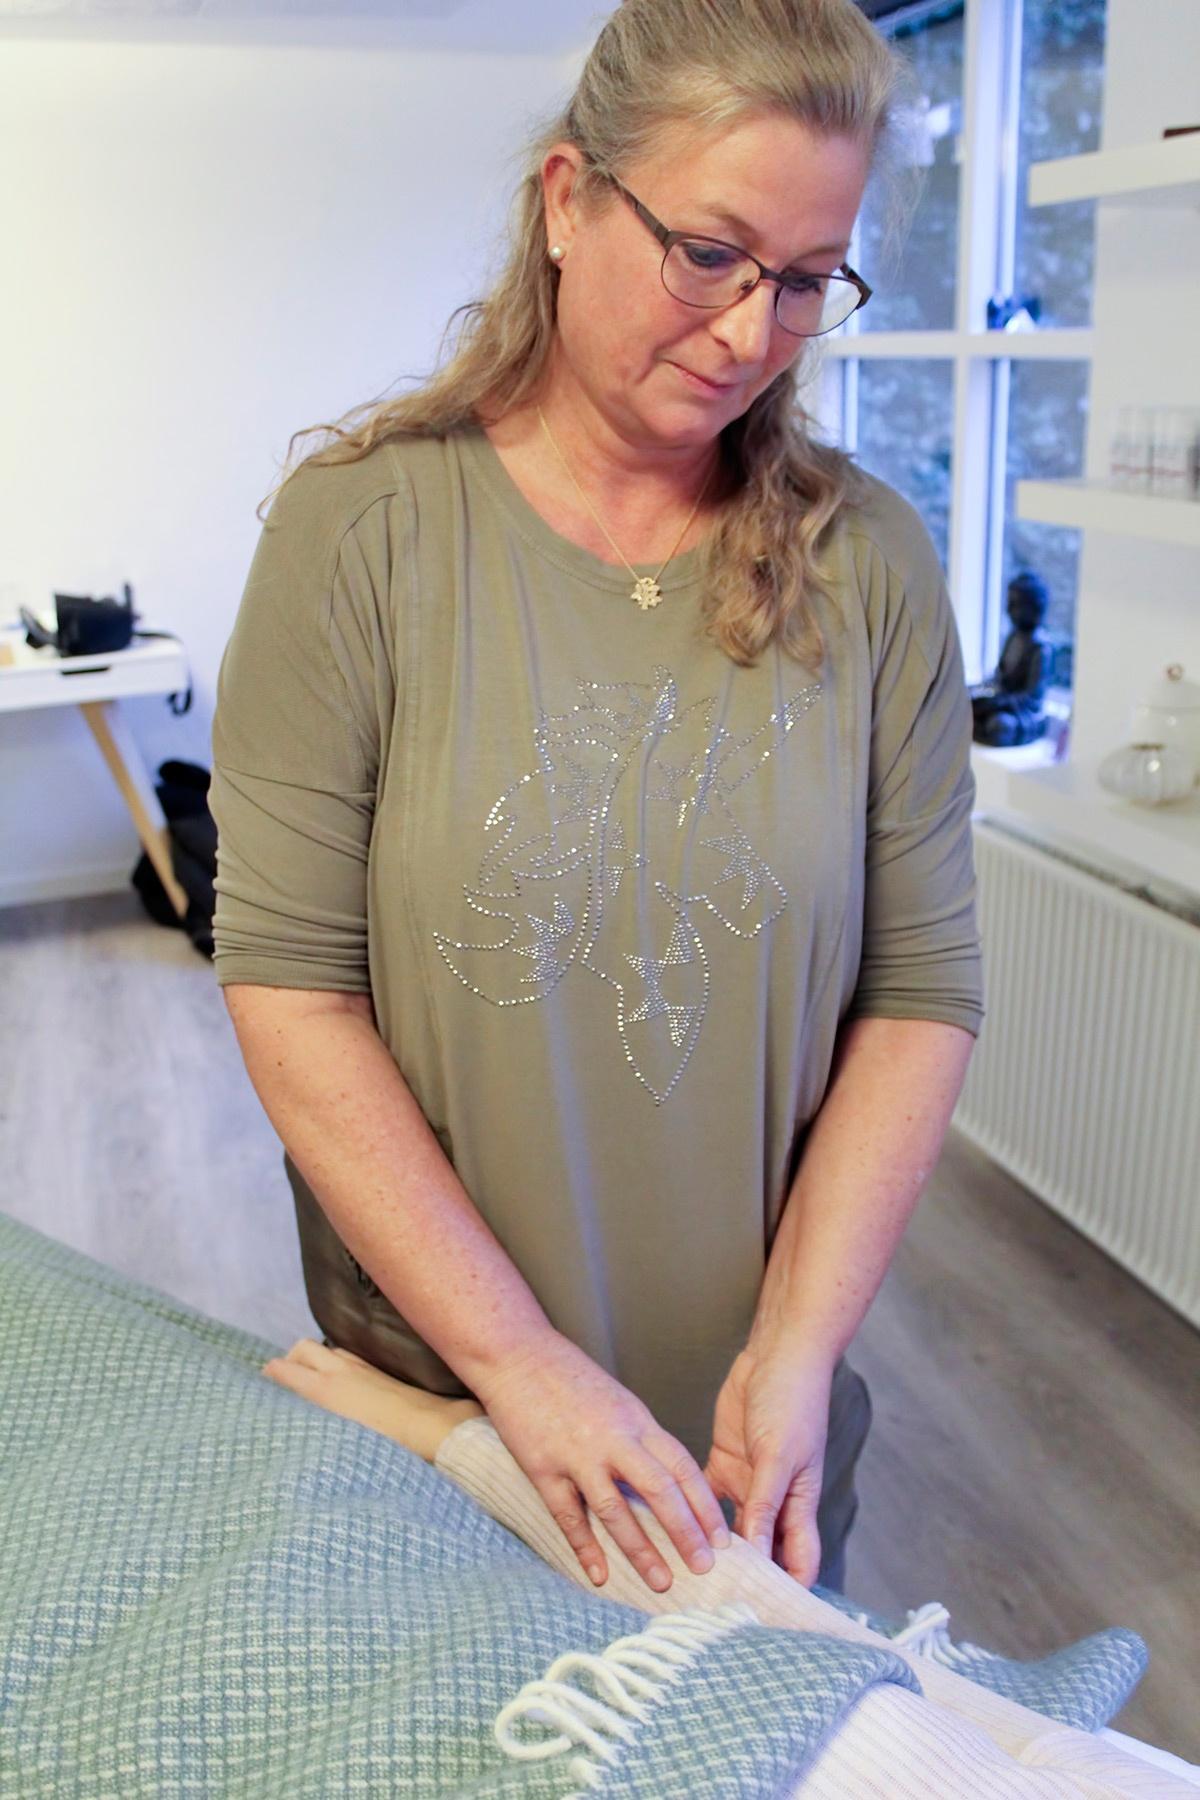 Mayanne Damgård ved My-Feet i Skanderborg tilbyder behandling med meridian massage (meridianmassage)